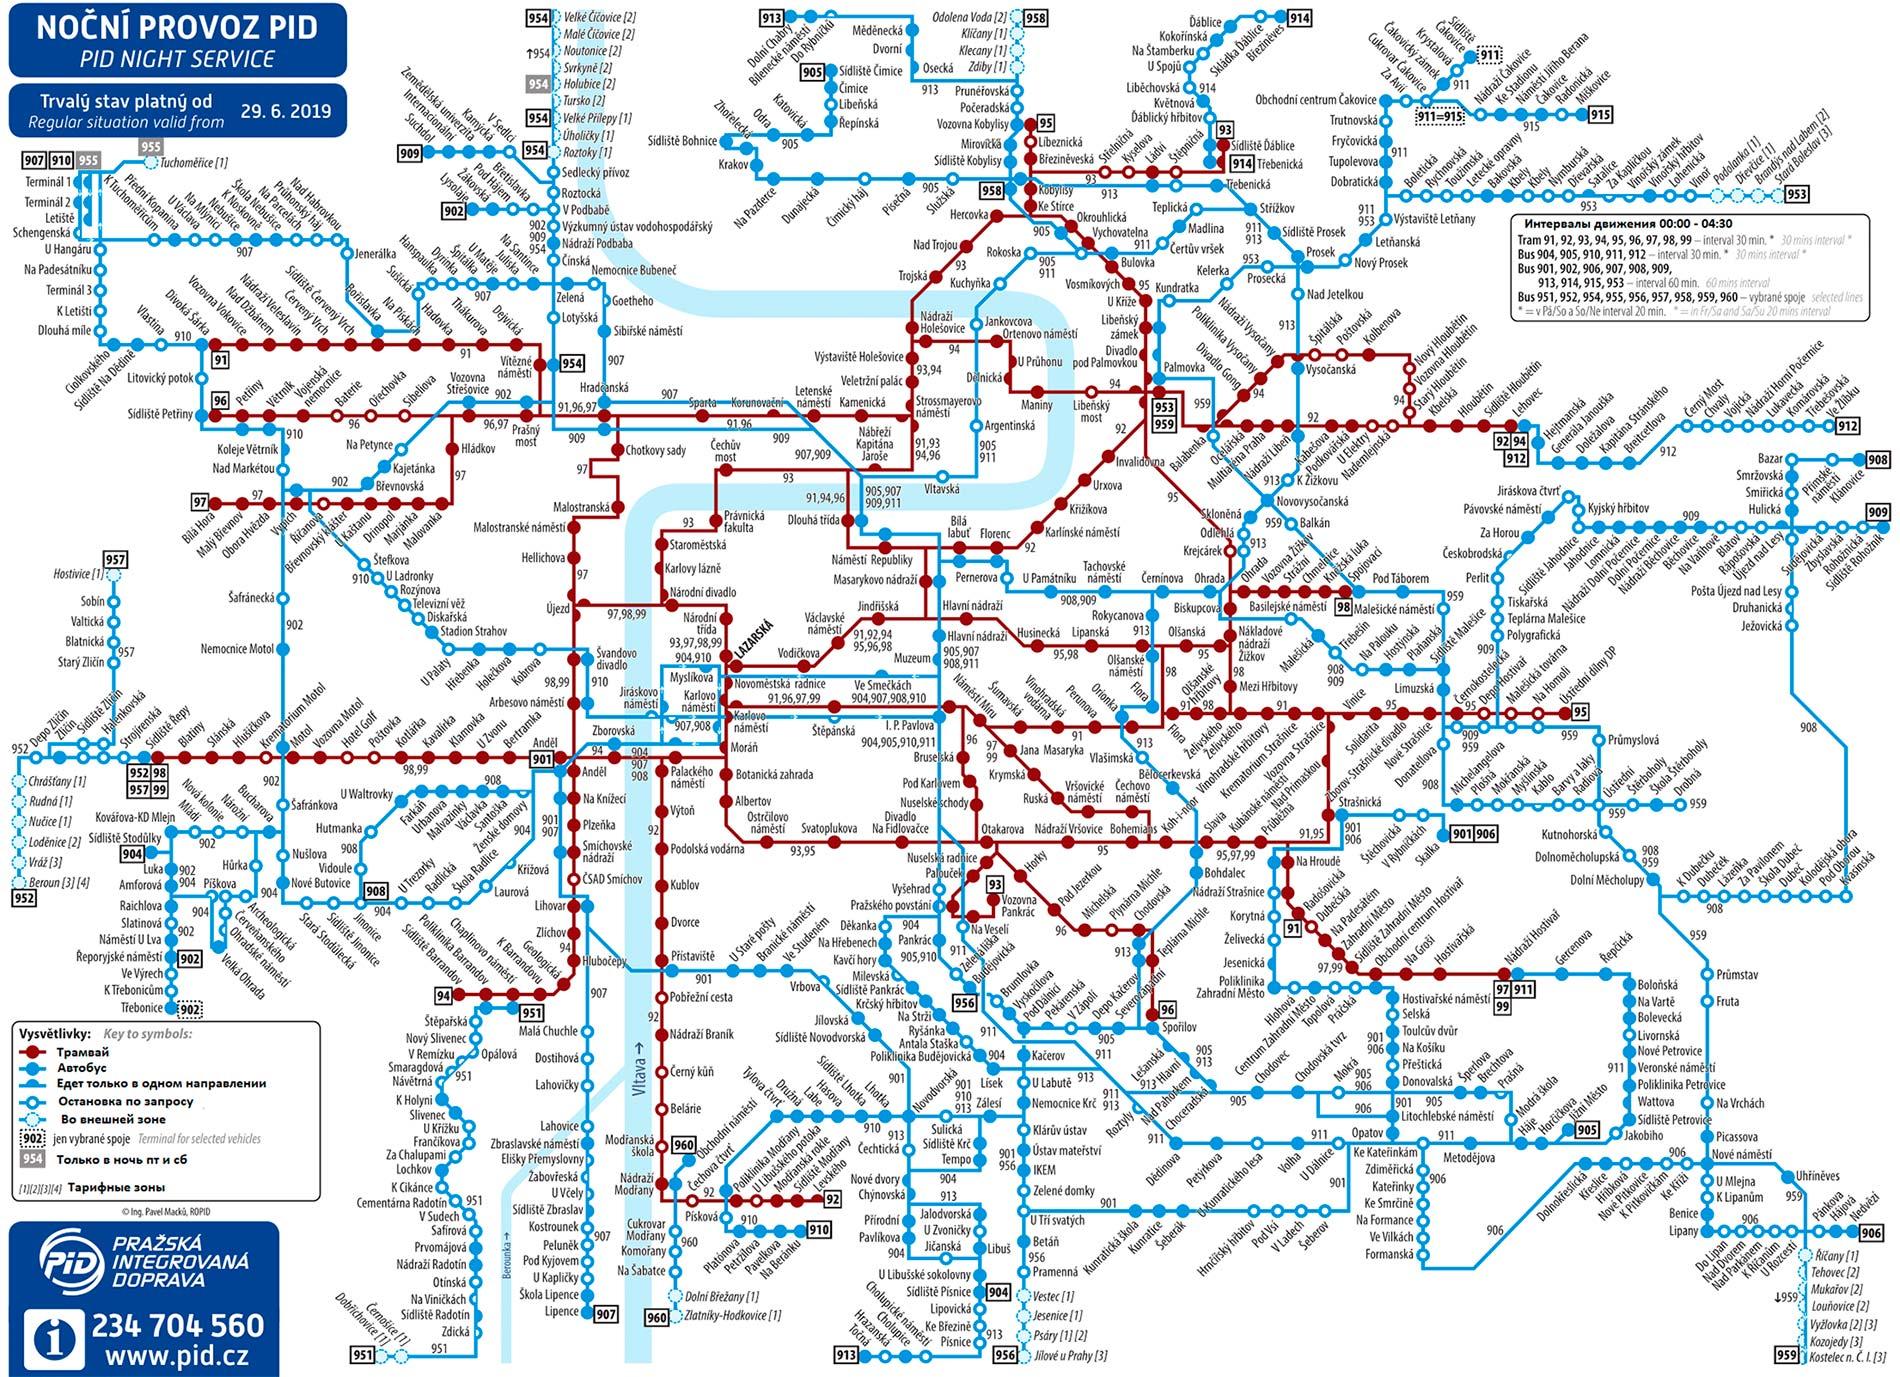 Схема ночных маршрутов в Праге